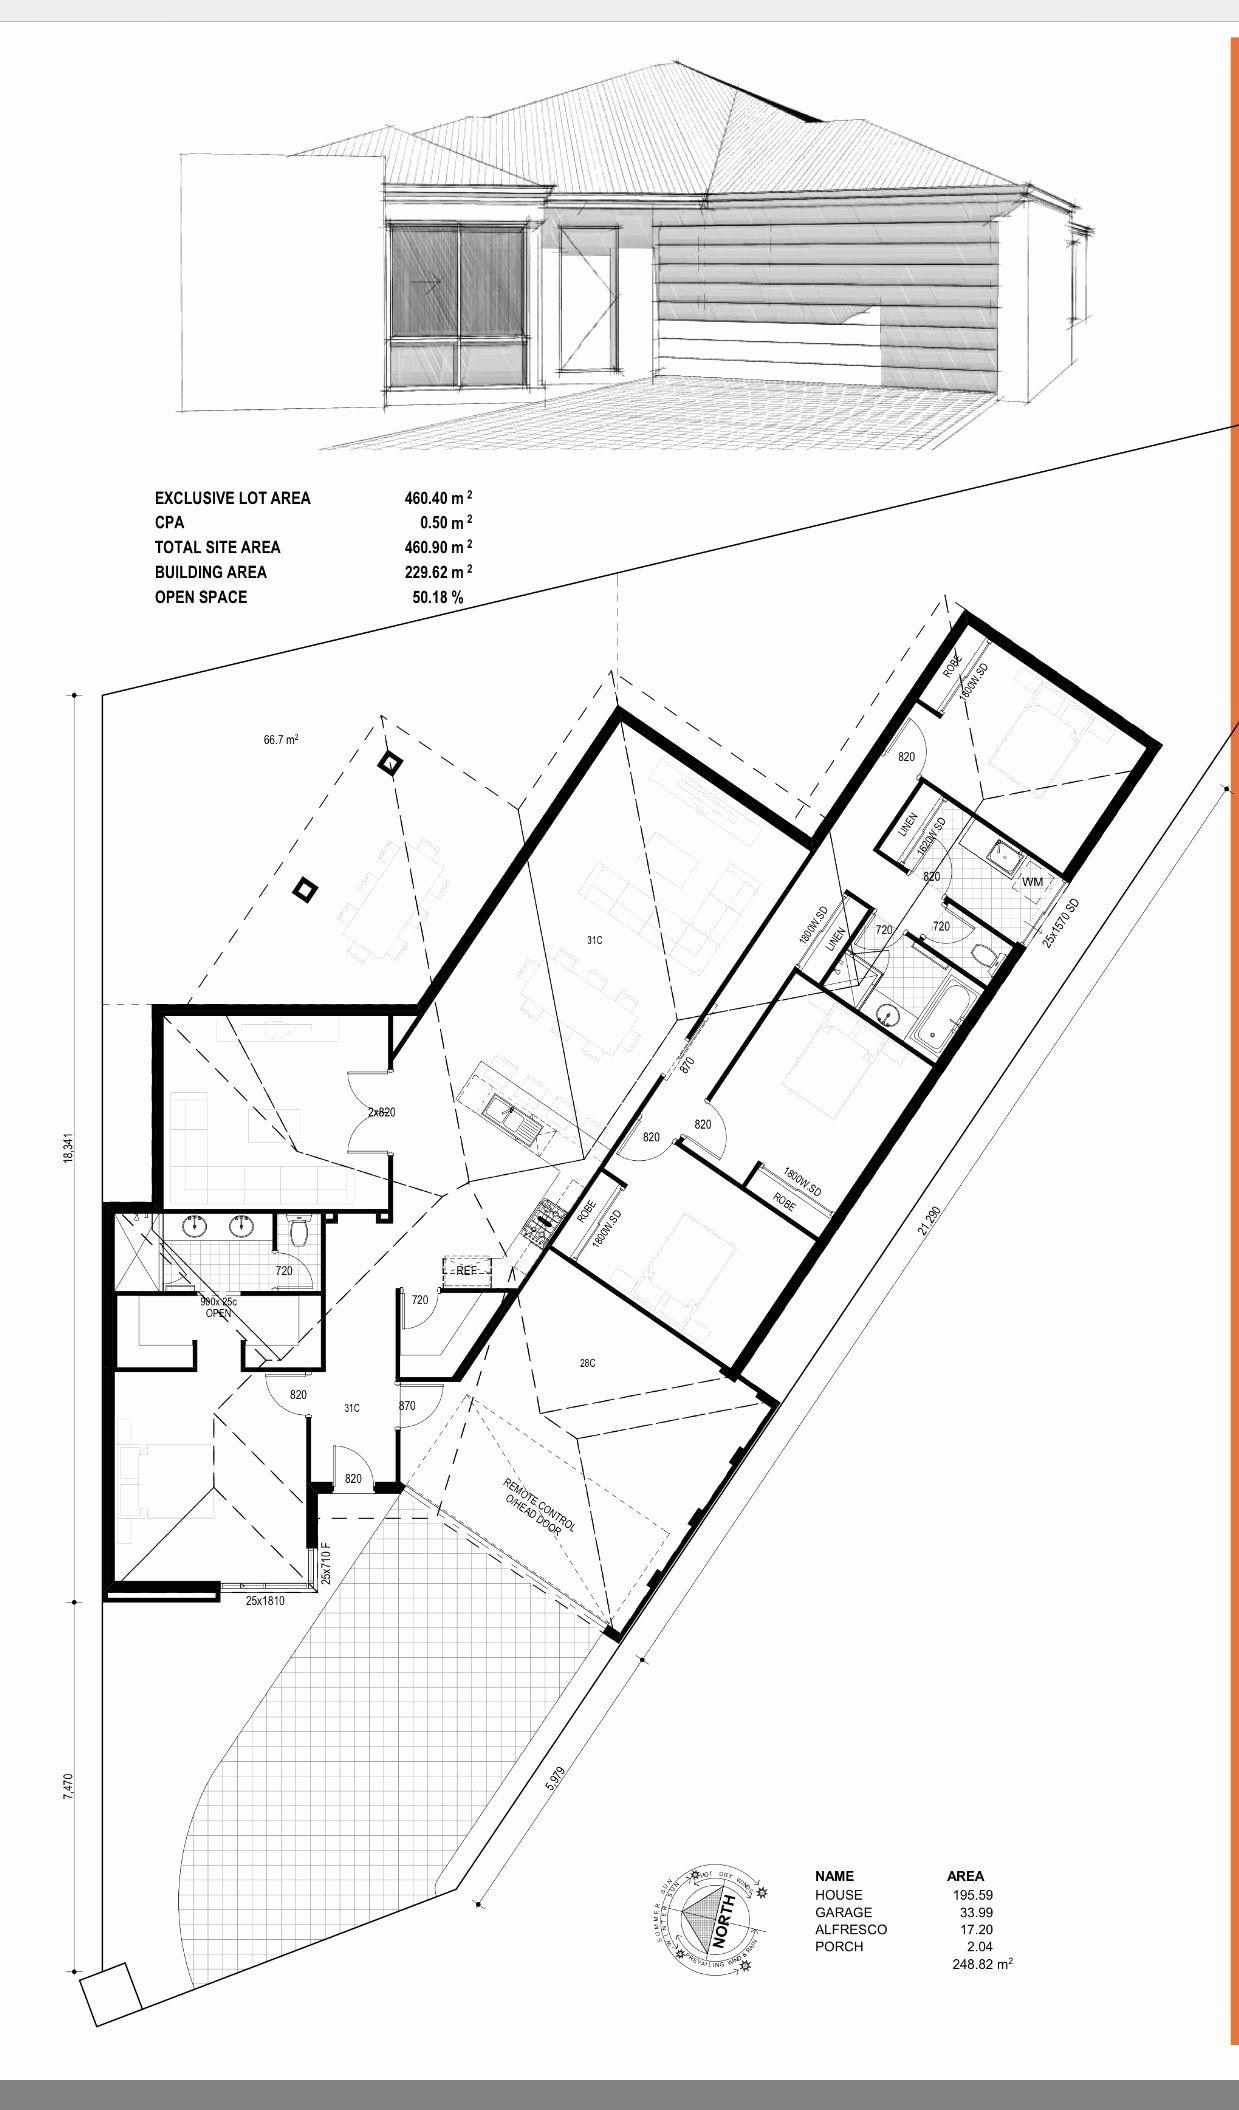 Triangular Plot House Plans Fresh Sample Triangular Plot Plan House Plans Online Plot Plan House Plans